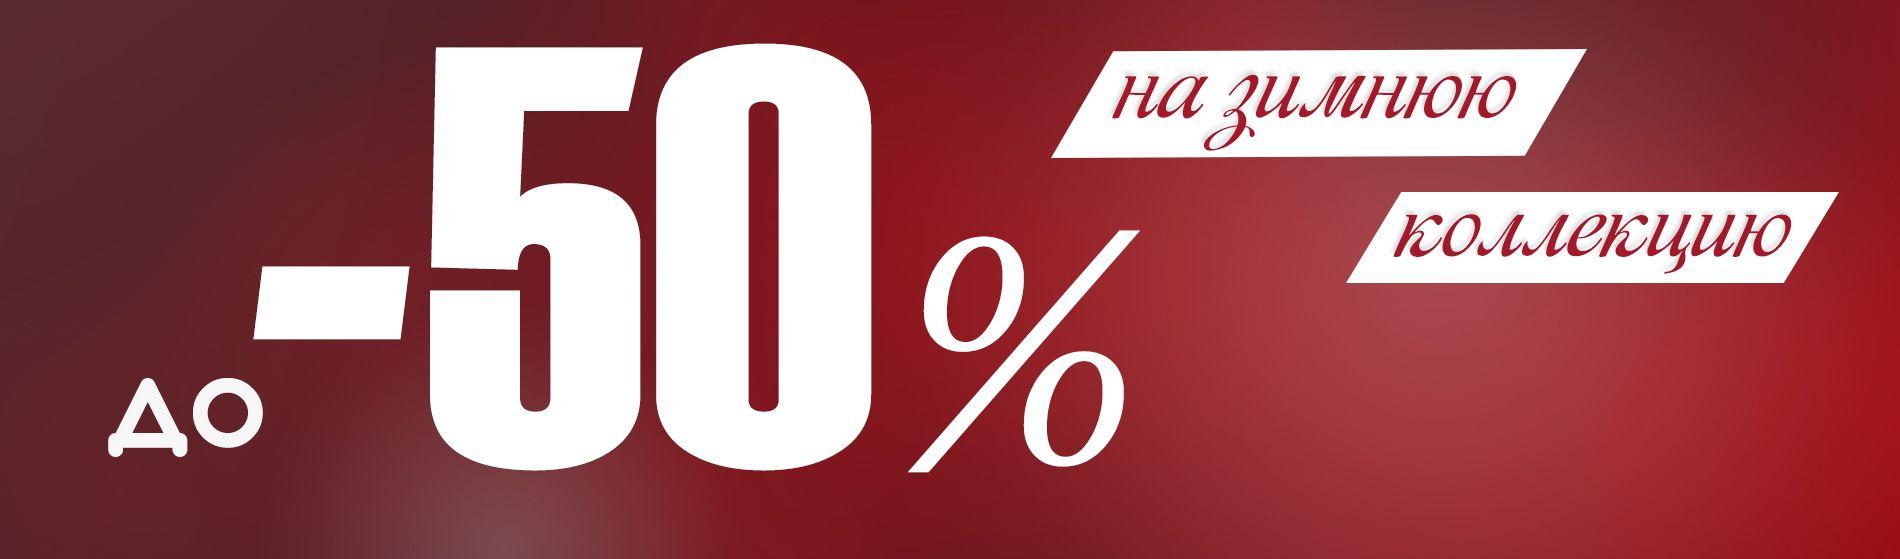 Акция - скидка до 50% на зимнюю коллекцию до 31 марта 2020 в магазинах кожи и меха ЭЛИТА